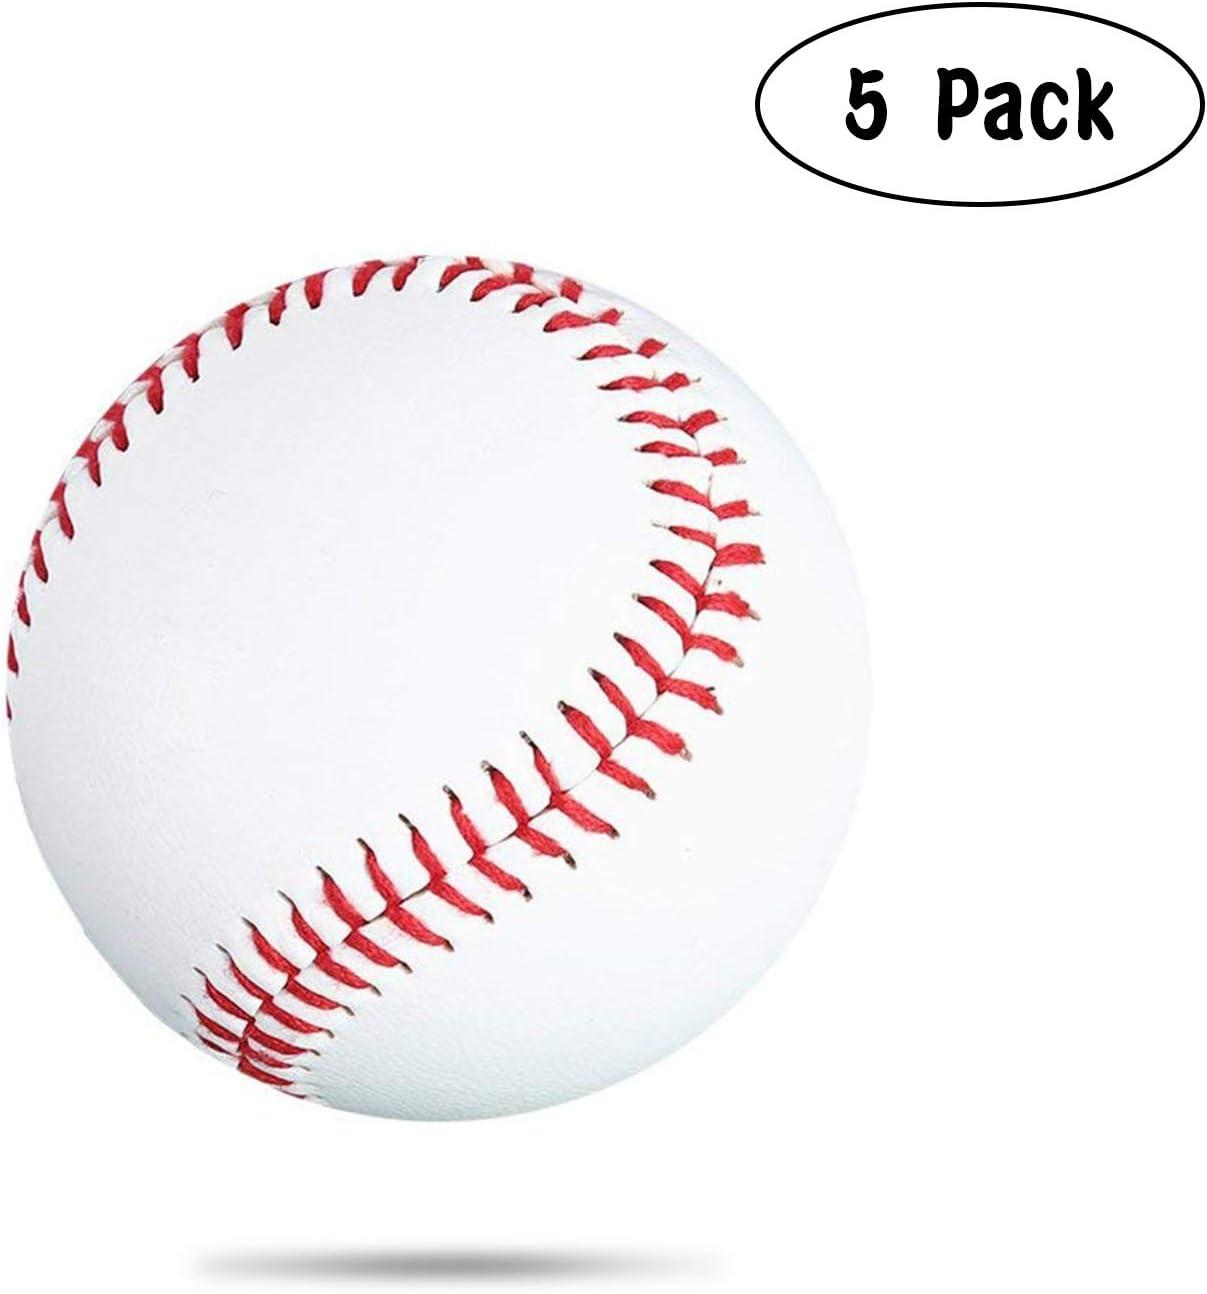 Práctica de Base de béisbol de Cuero Suave de la PU del béisbol Blanco para la enseñanza del béisbol de los Estudiantes de la Escuela: Amazon.es: Deportes y aire libre